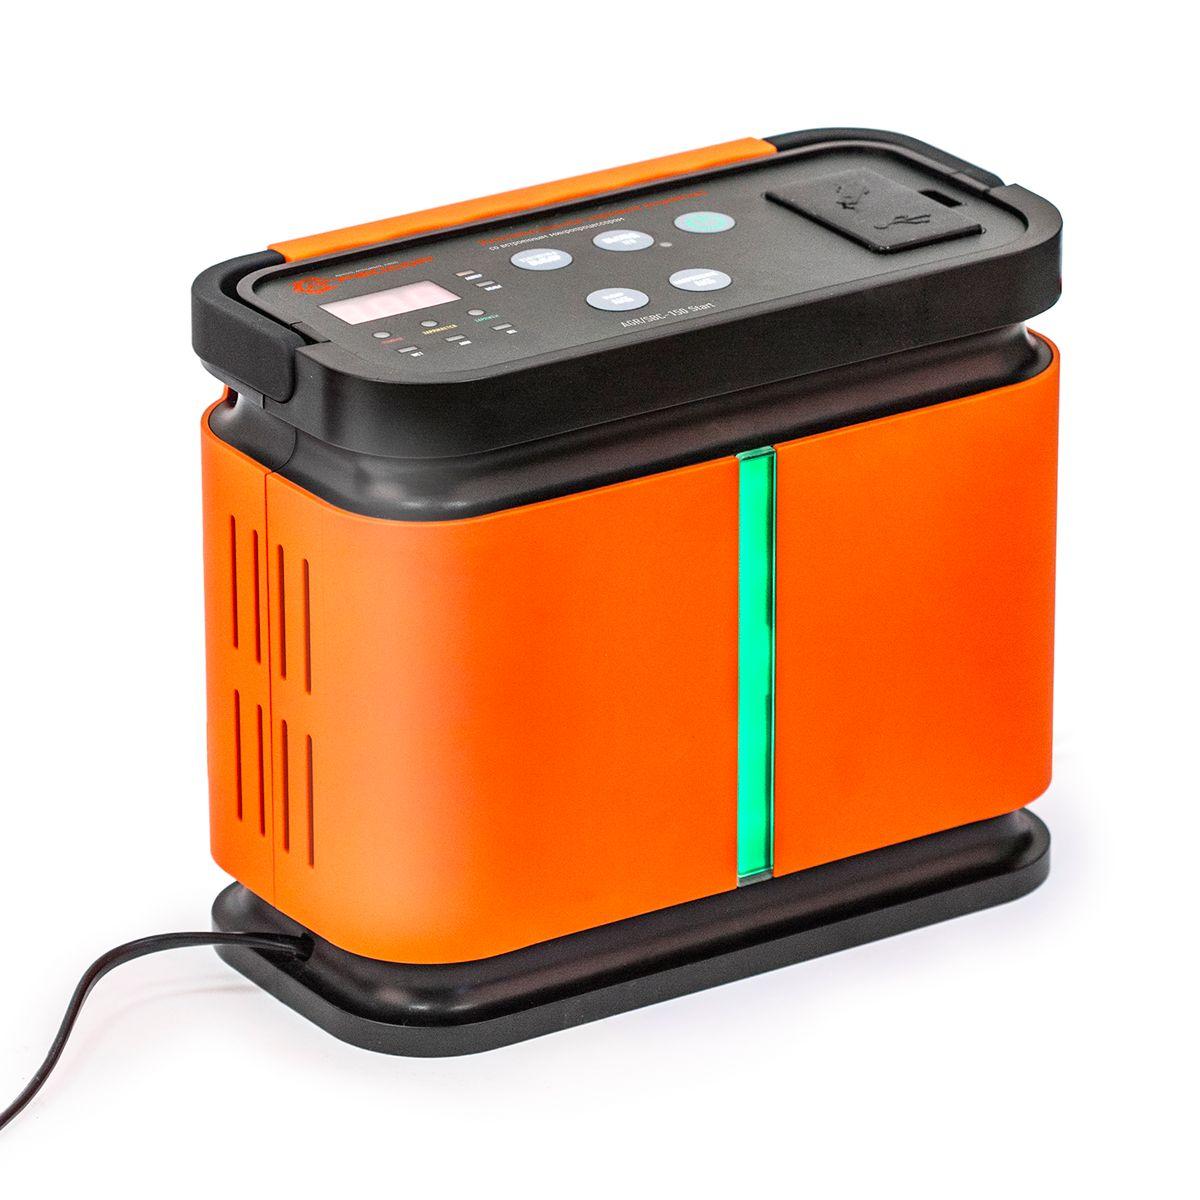 Устройство зарядное цифровое Autoprofi Агрессор AGR/SBC-150, 9 фаз зарядки, ток 2/6/10/15 АAGR/SBC-150Зарядное устройство Autoprofi Агрессор AGR/SBC-150 компактно и эргономично: все провода помещаются в специальных нишах, ручка складывается, размеры позволяют без труда разместить его в автомобиле или гараже. Устройство подходит для зарядки всех типов свинцово-кислотных батарей напряжением 12В. Кроме того, оно заряжает электронные устройства (смартфоны, телефоны, фотоаппараты, плееры и пр.) через встроенные USB-порт или сеть 12В. Устройство имеет усовершенствованную 9-ступенчатую систему зарядки и встроенный микропроцессор. Это, соответственно, сокращает время зарядки, обеспечивает безопасность и защиту от ошибок. Функция 5-минутной зарядки позволяет устройству быстро передать на батарею заряд, необходимый для запуска двигателя. Есть возможность выбрать оптимальную силу тока, установив один из четырех режимов: 2/6/10/15 А. Для оптимальной зарядки аккумуляторной батареи, в устройстве предусмотрена возможность установить тип АКБ: WET (жидкостный электролит), AGM...